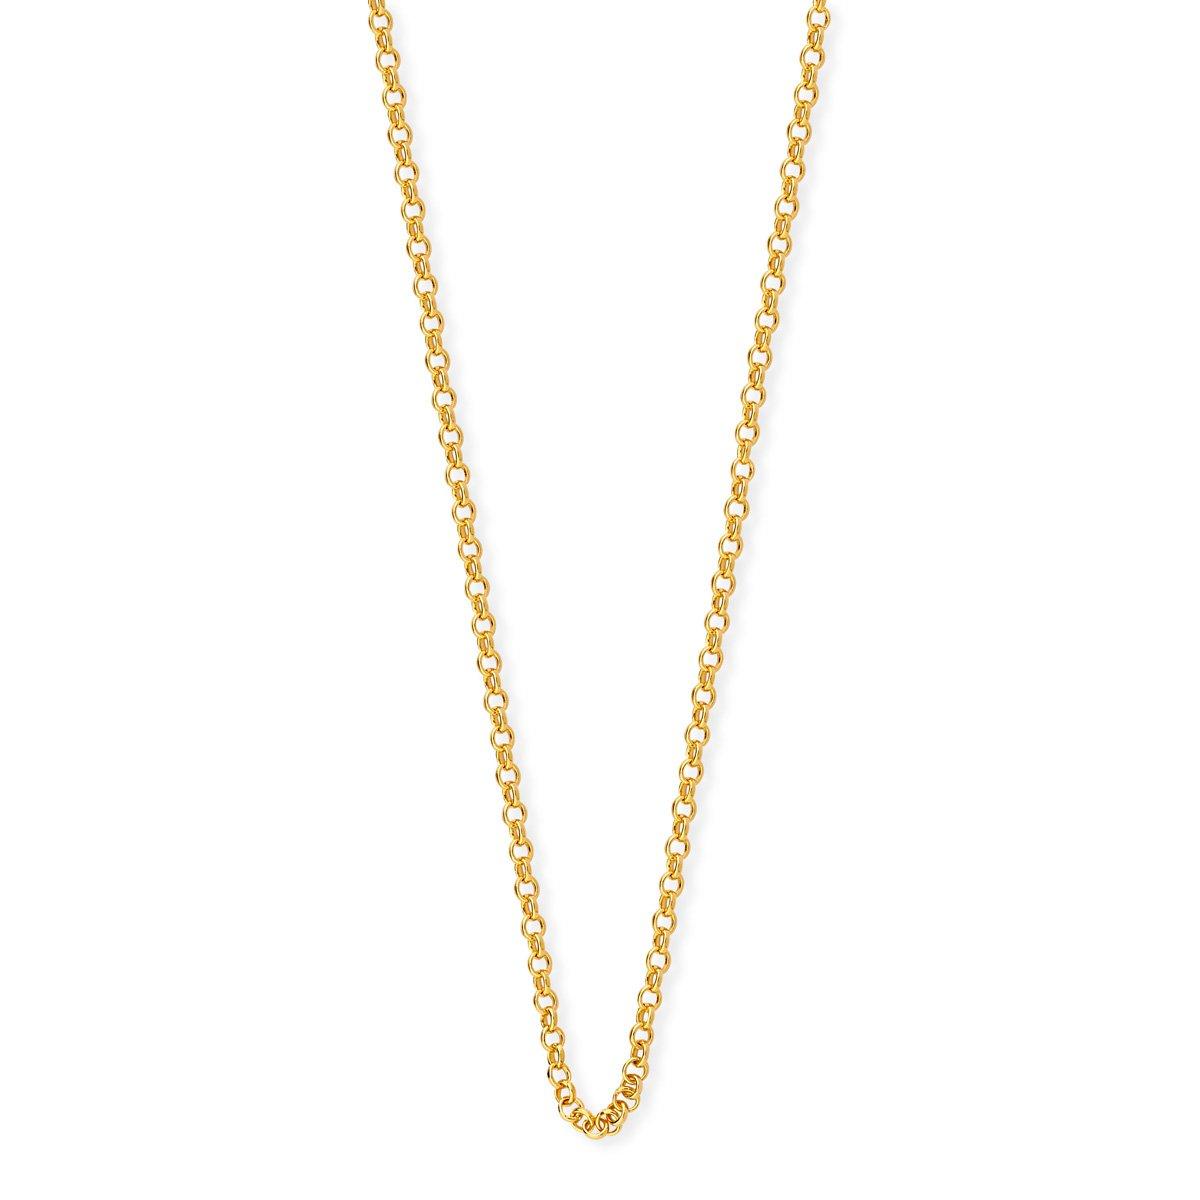 Corrente Portuguesa em Prata 925 banho de ouro 55 cm